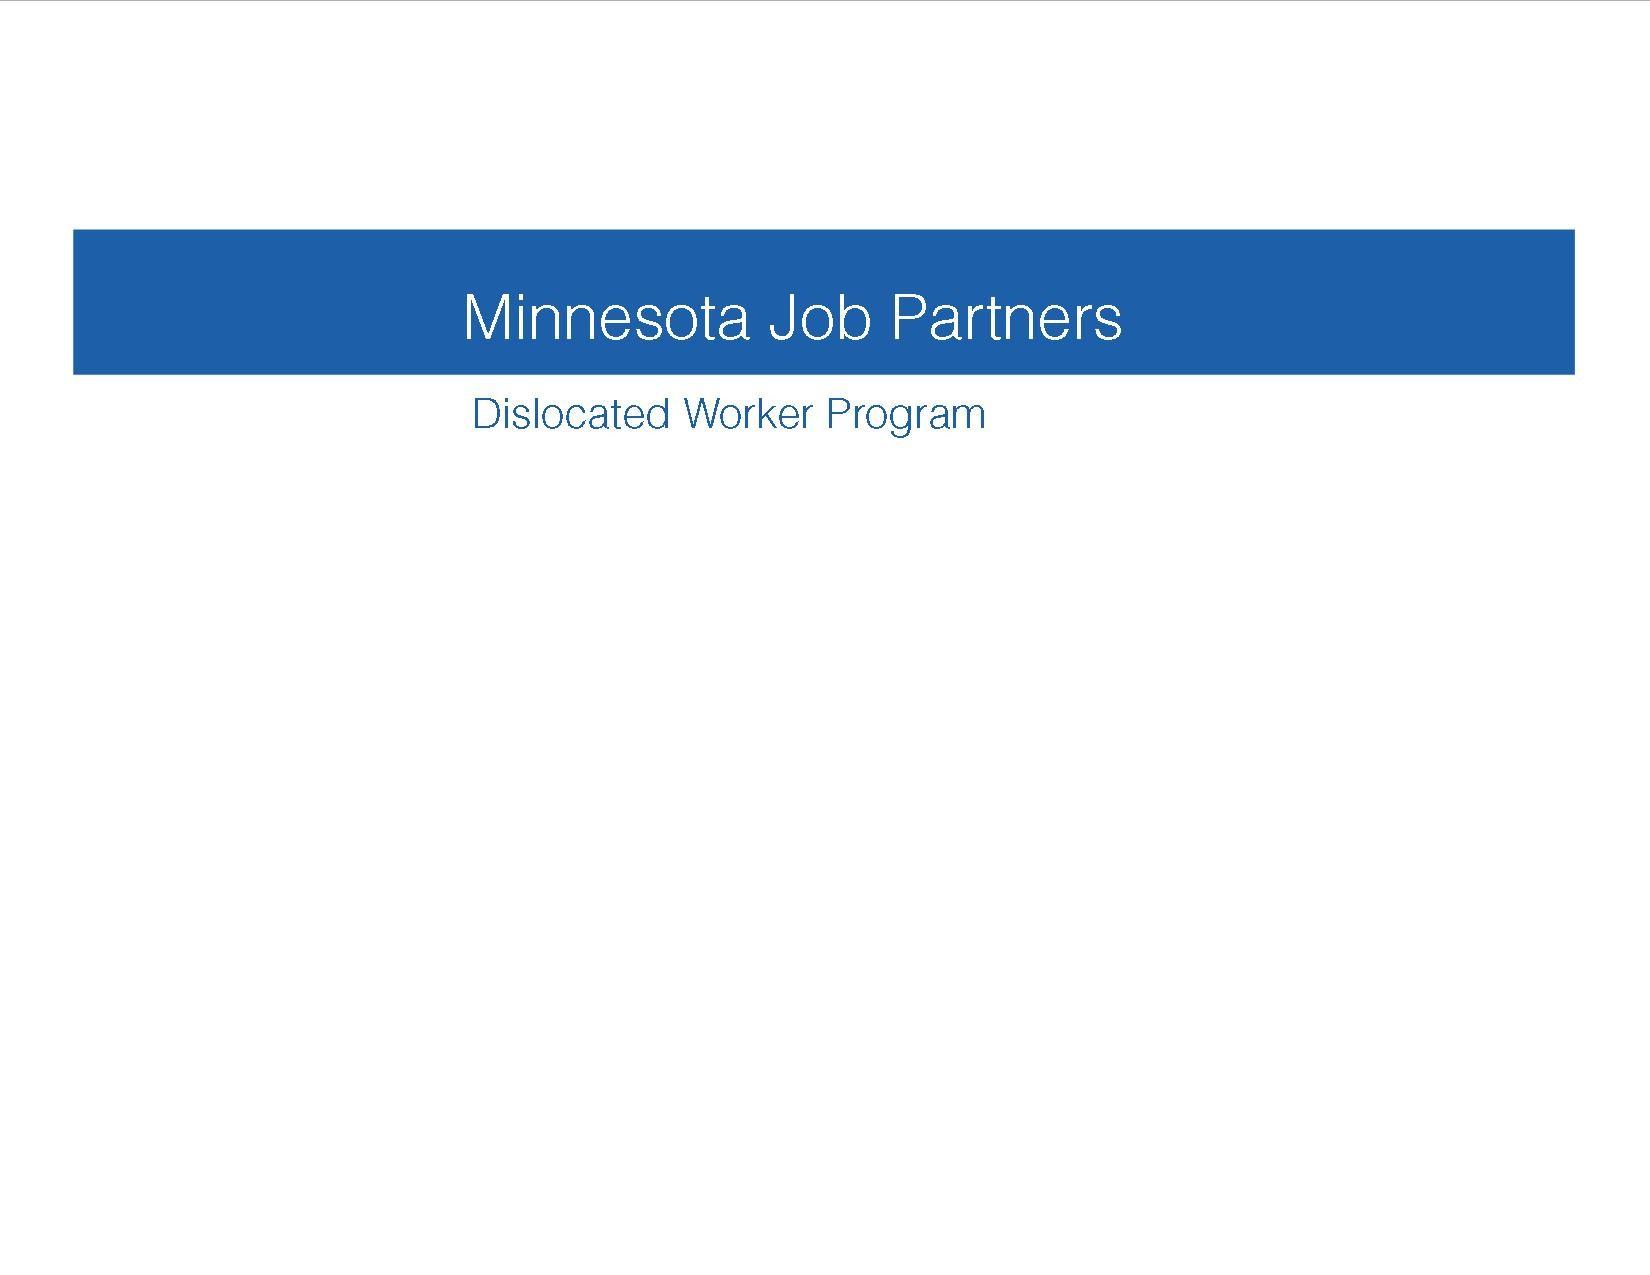 Minnesota Teamsters Service Bureau - Minnesota Job Partners